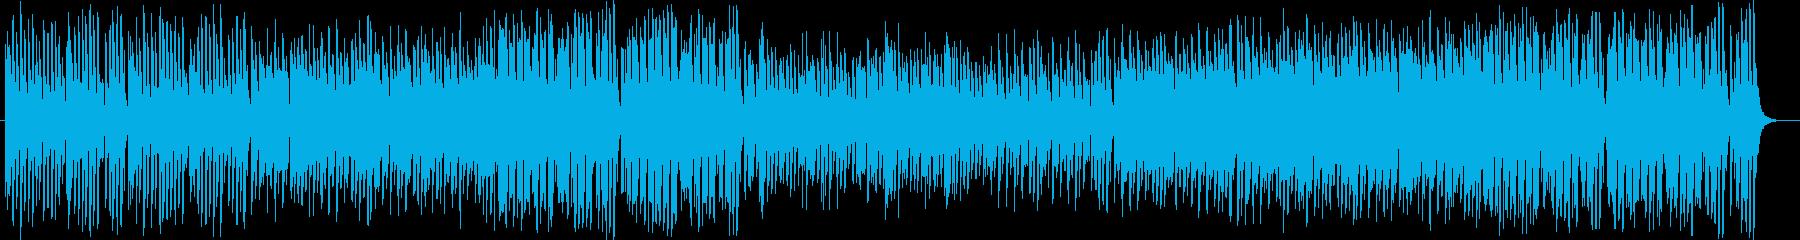 可愛くメルヘンなシンセサイザーサウンドの再生済みの波形